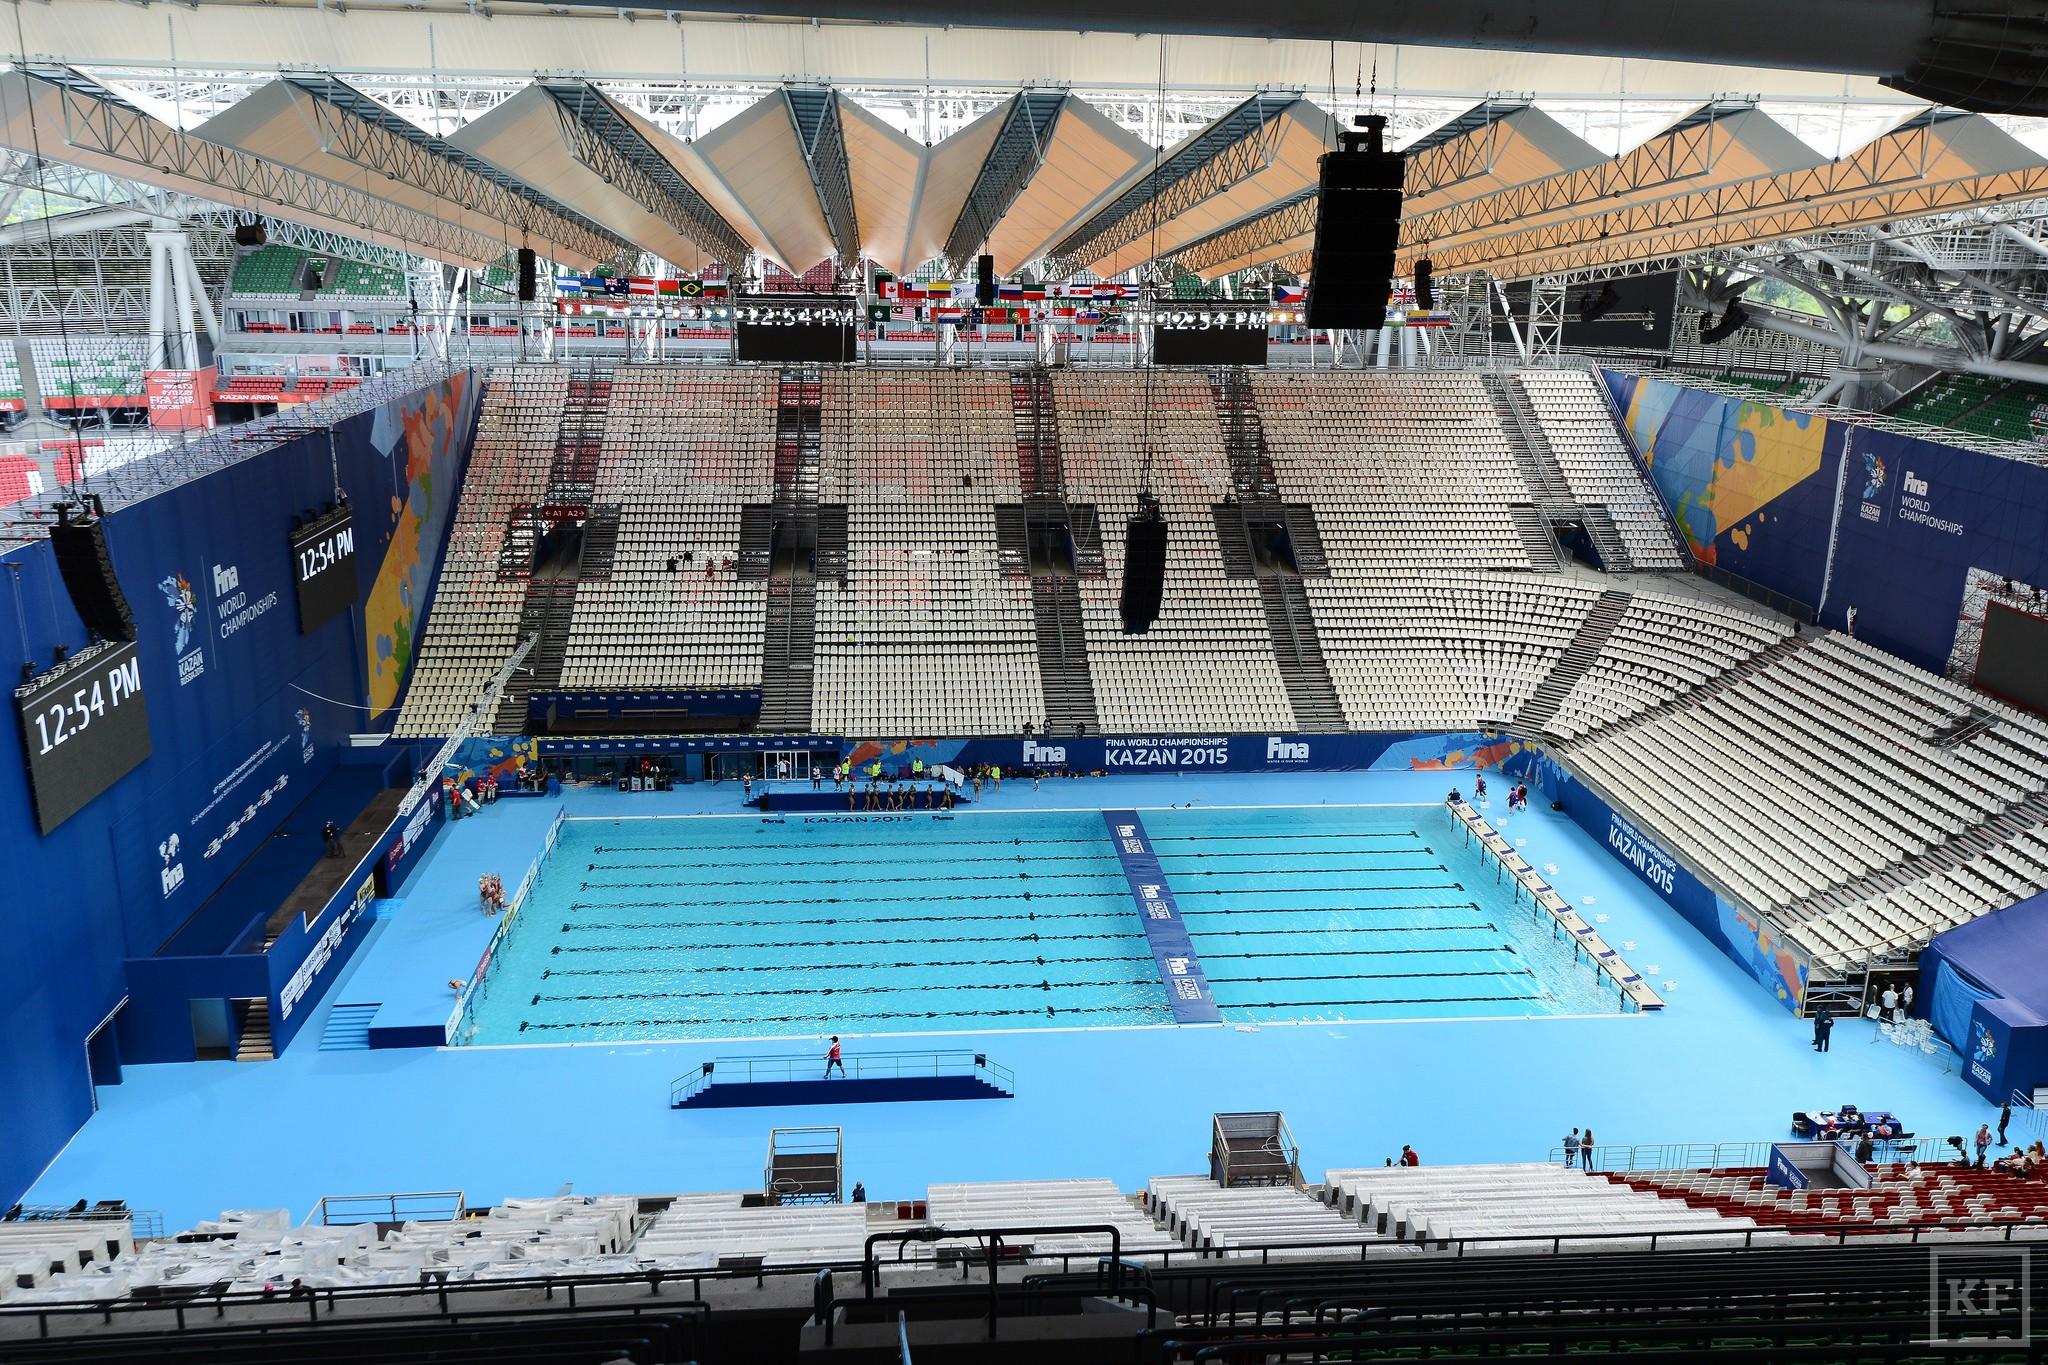 Один из двух 50-метровых бассейнов, в которых проходил Чемпионат мира по водным видам спорта, отправится в Набережные Челны